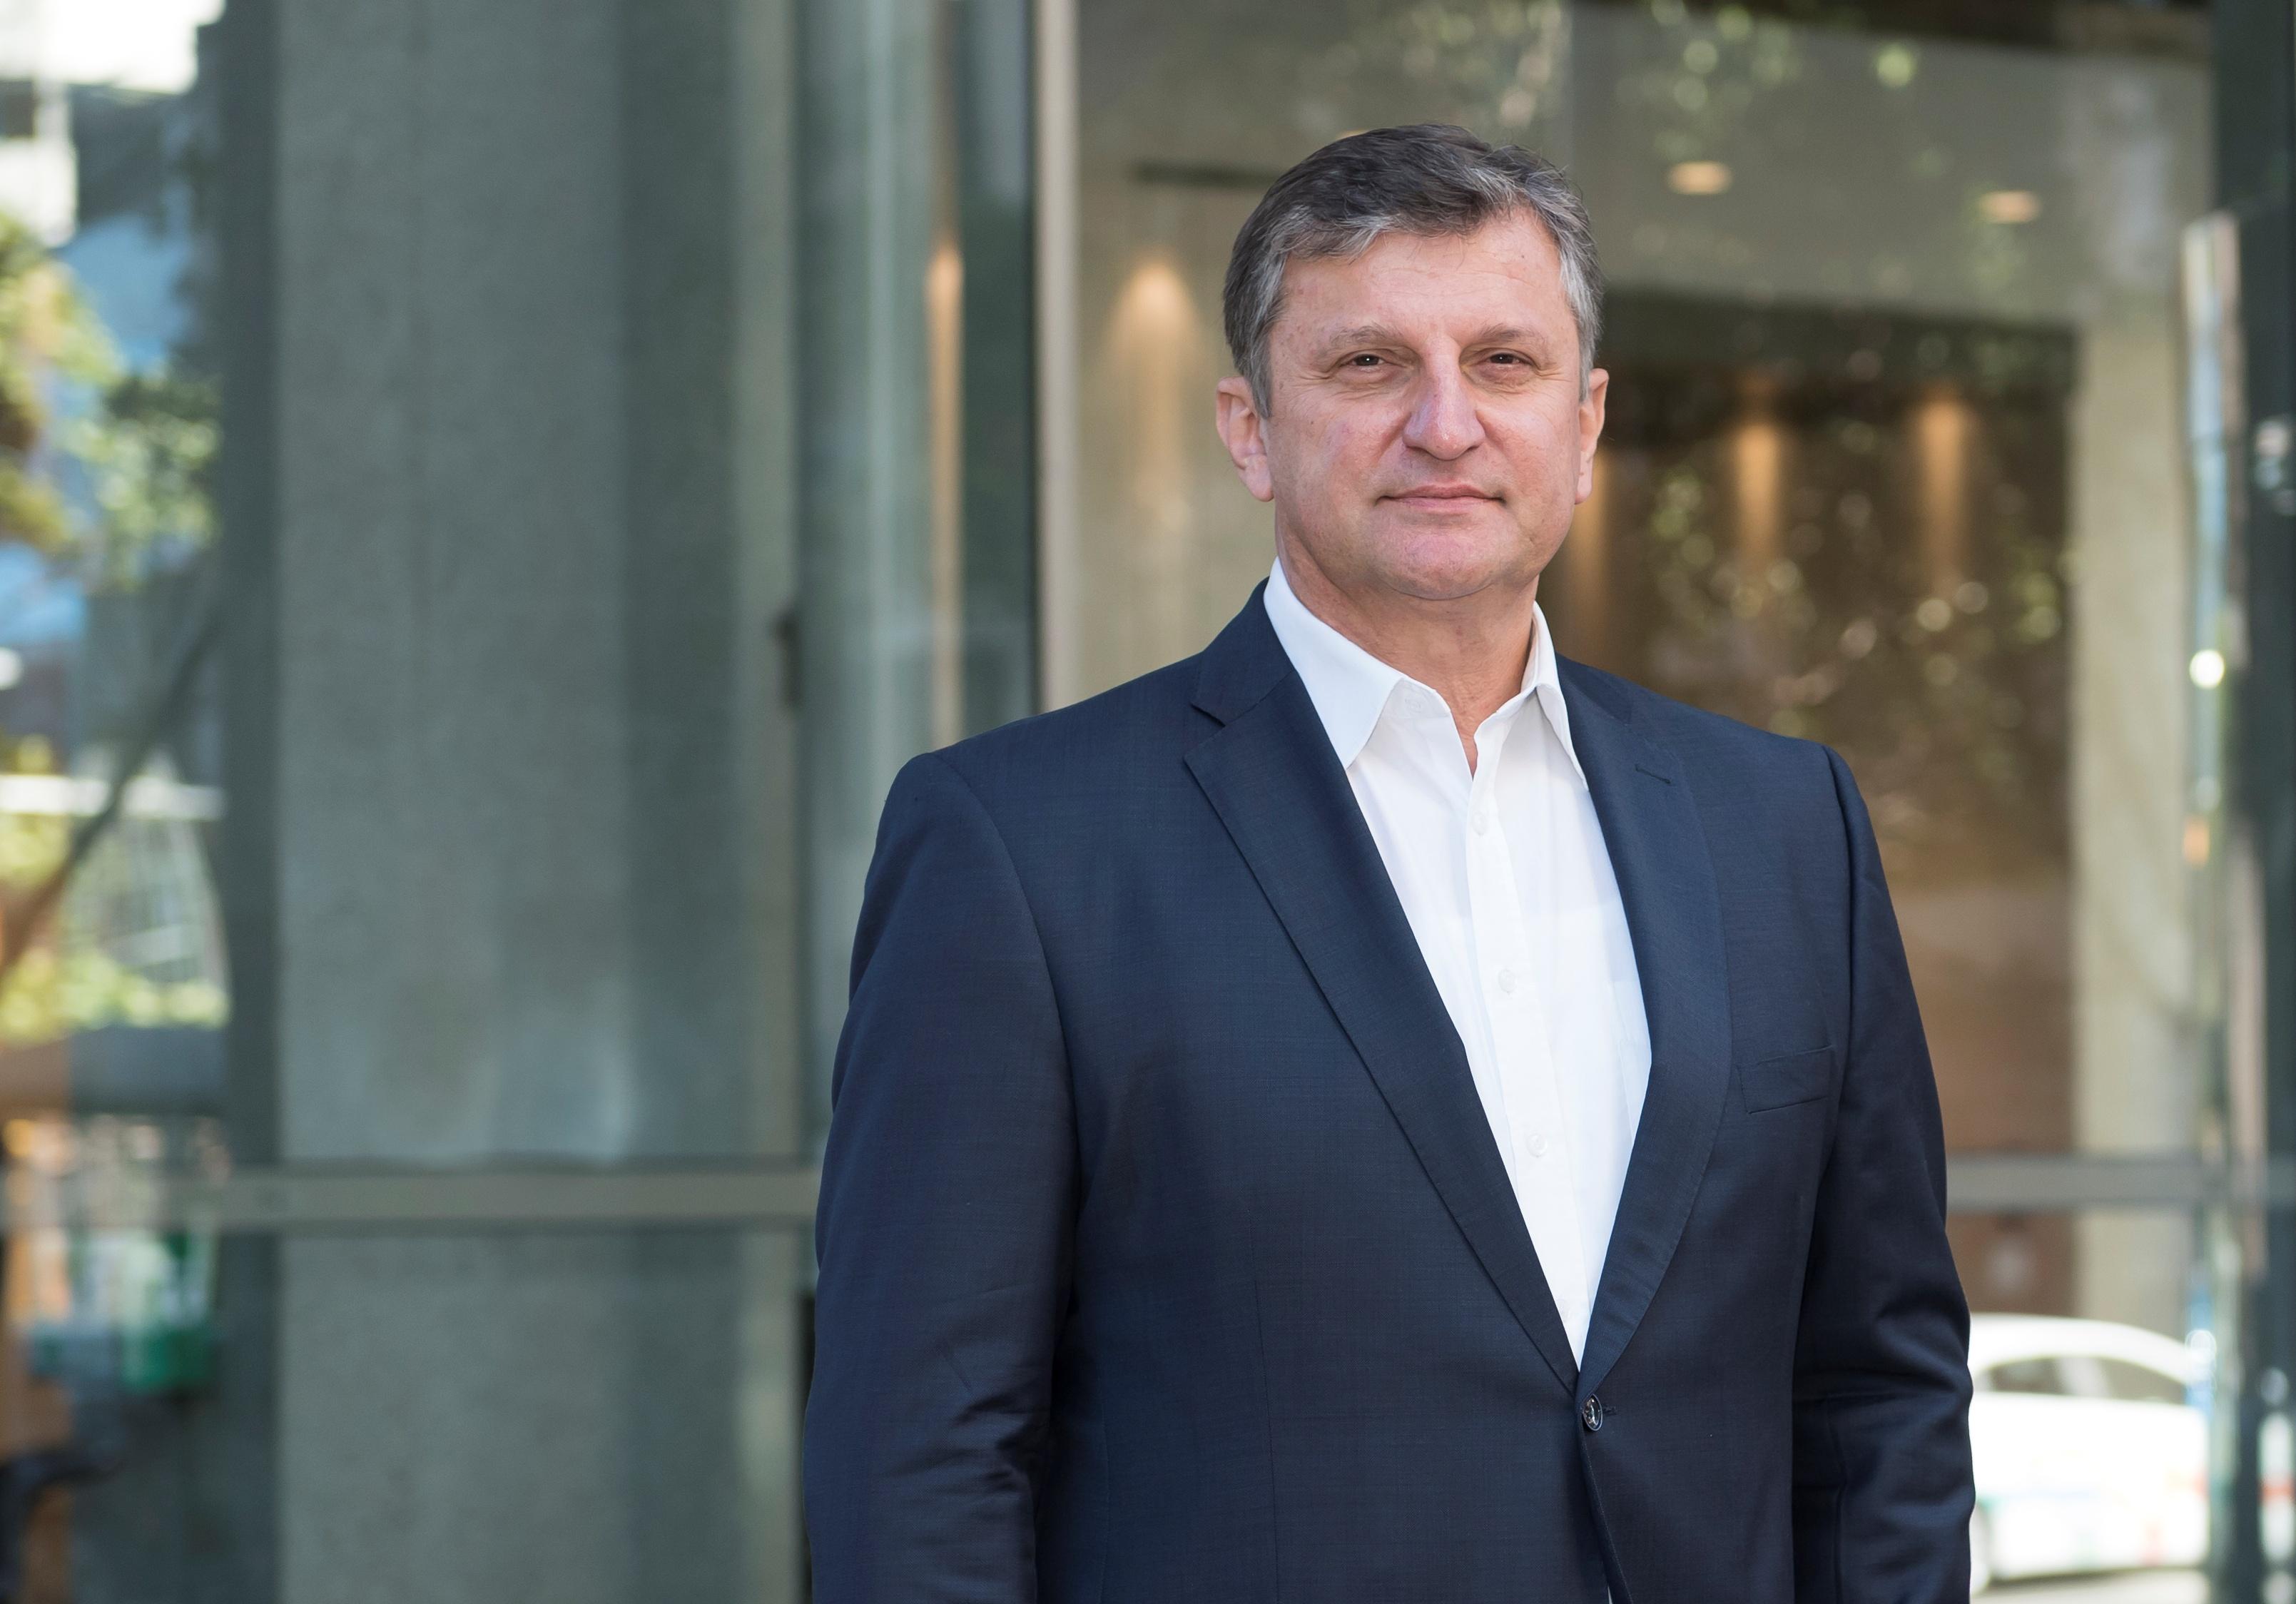 Dr. Johann Rinnhofer, CEO of thyssenkrupp Industrial Solutions Australia